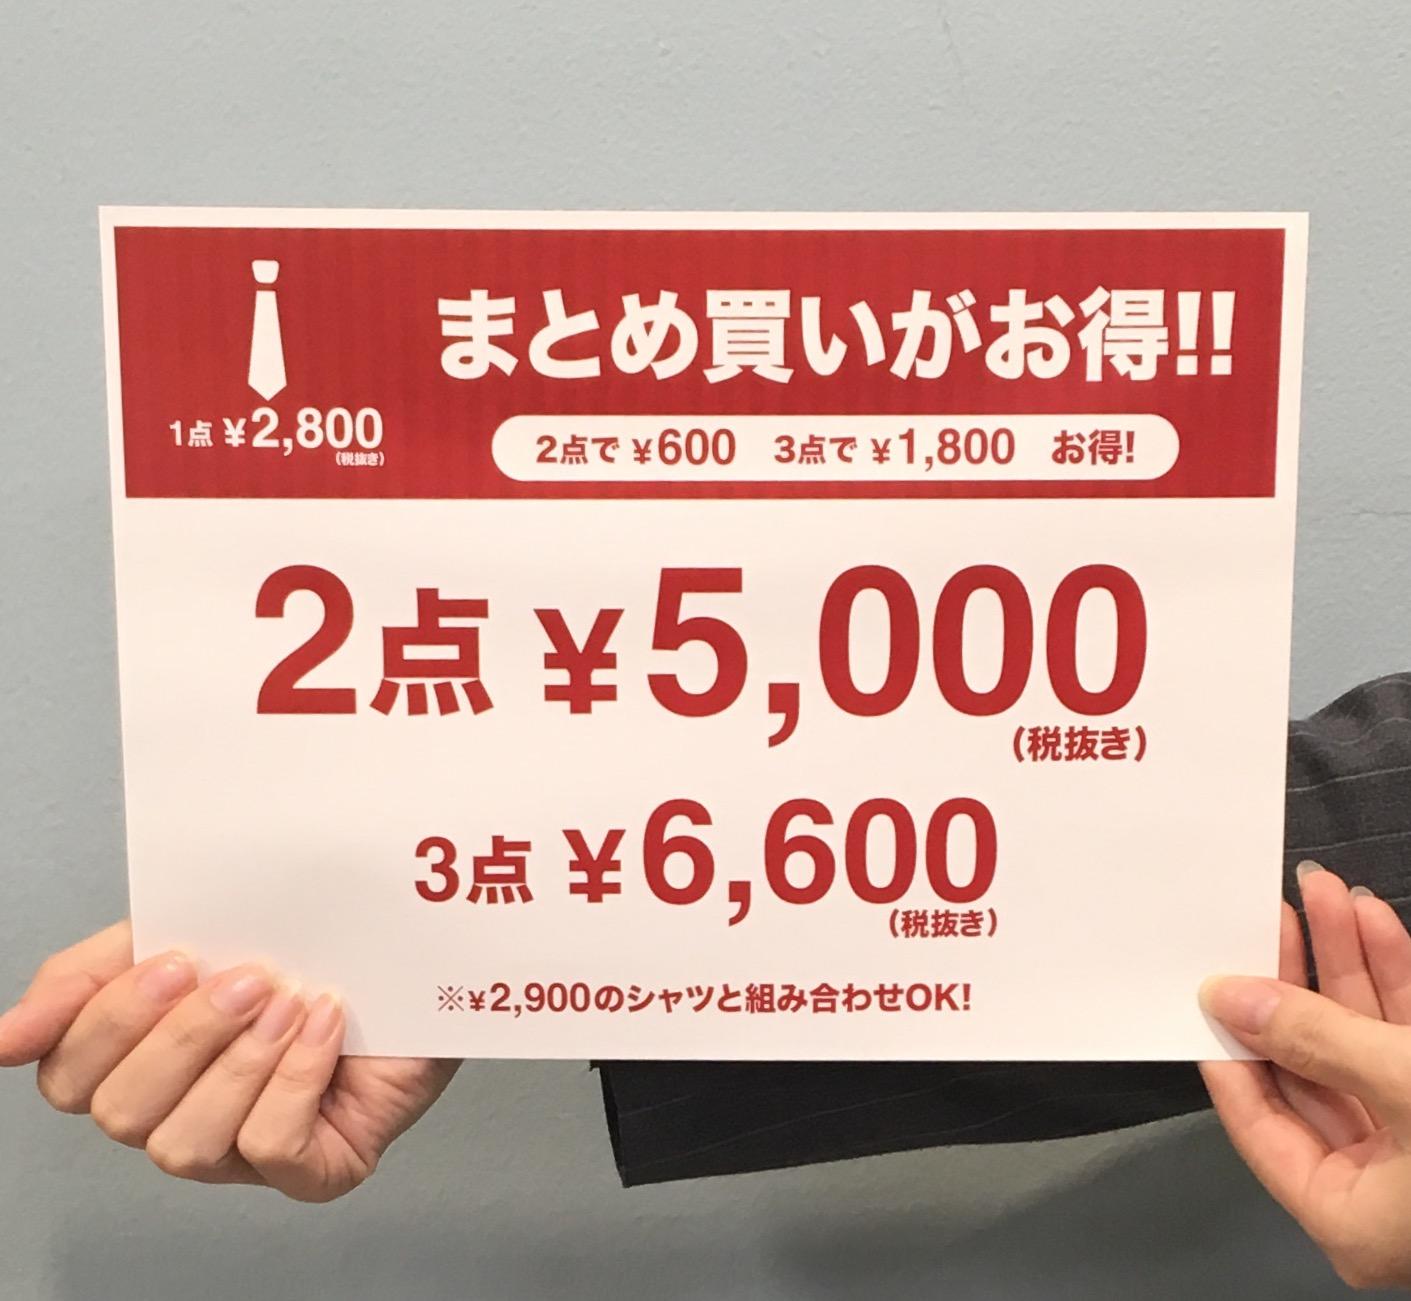 【秋のコーデに、、ぜひ!!】SUITS&SUITSイオン尼崎店